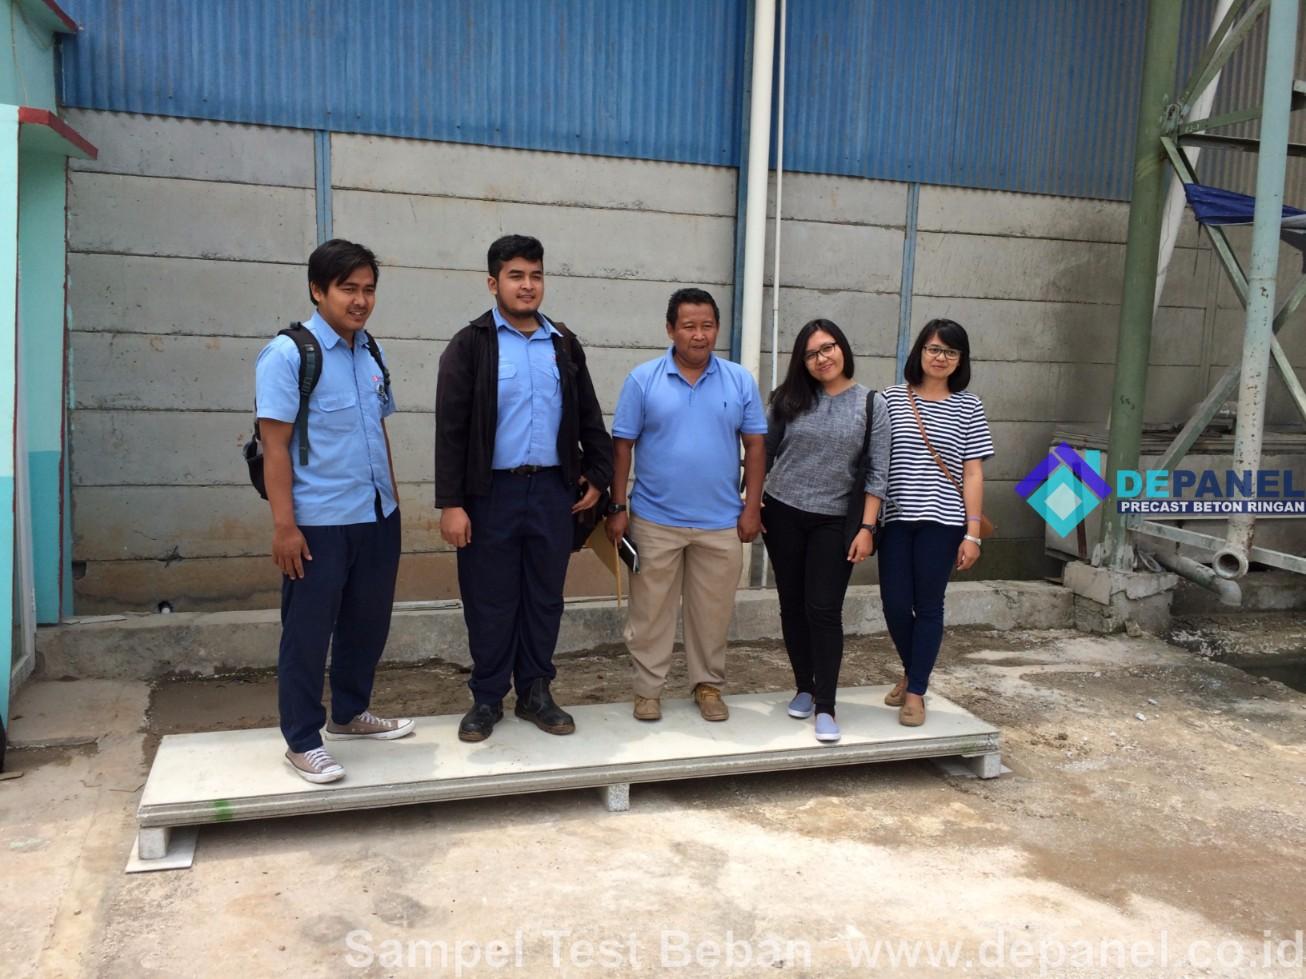 depanel, test beban, panel beton, beton ringan, panel dinding, panel lantai